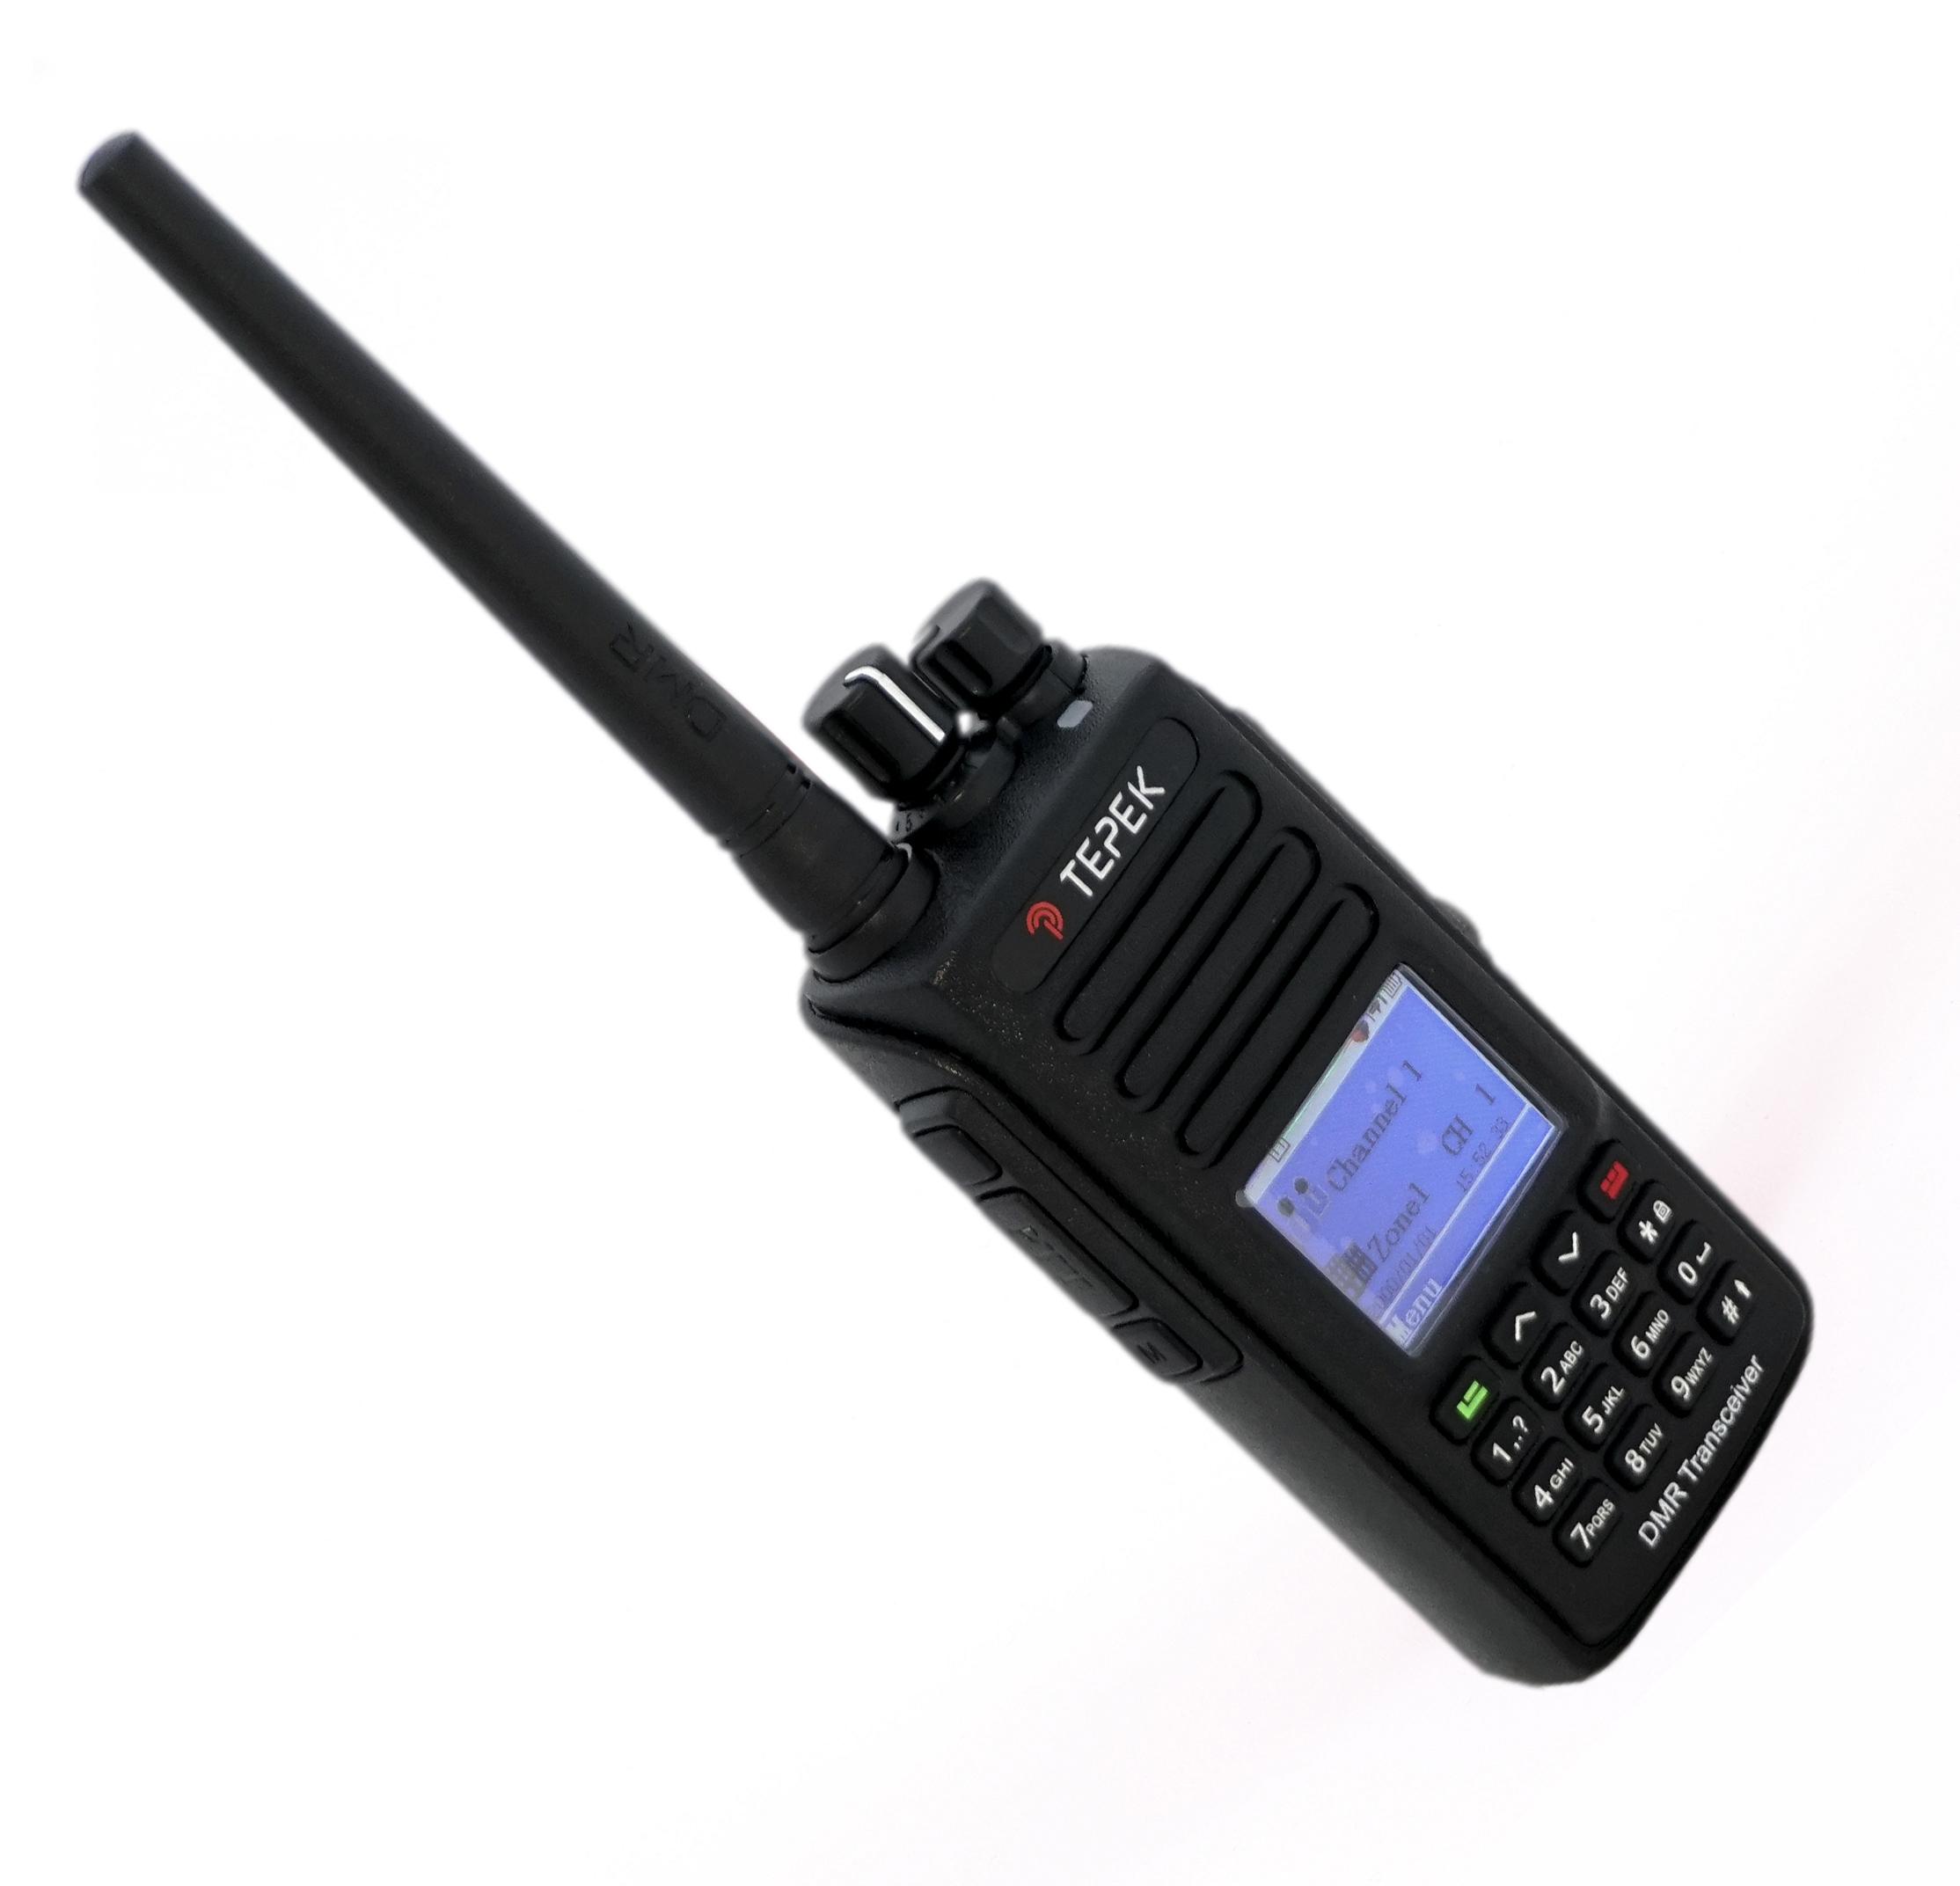 Портативная рация Терек РК-322-DMR GPS портативная рация терек рк 322 dmr uhf гарнитура в подарок